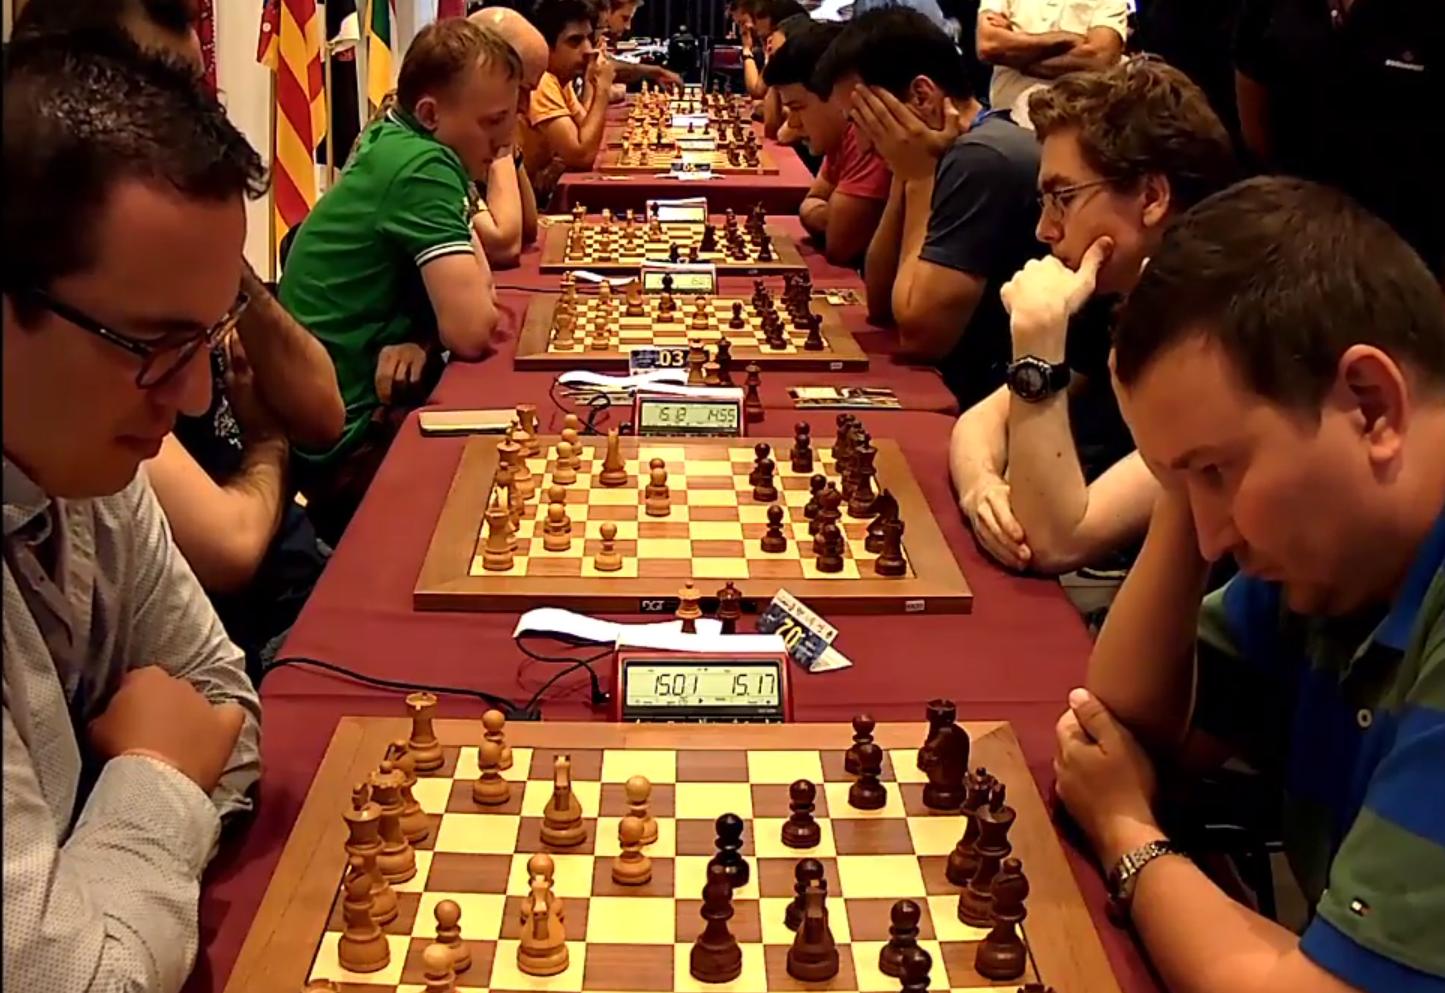 noticias - Renier y Ana campeones de España de ajedrez rápido | chess24.com